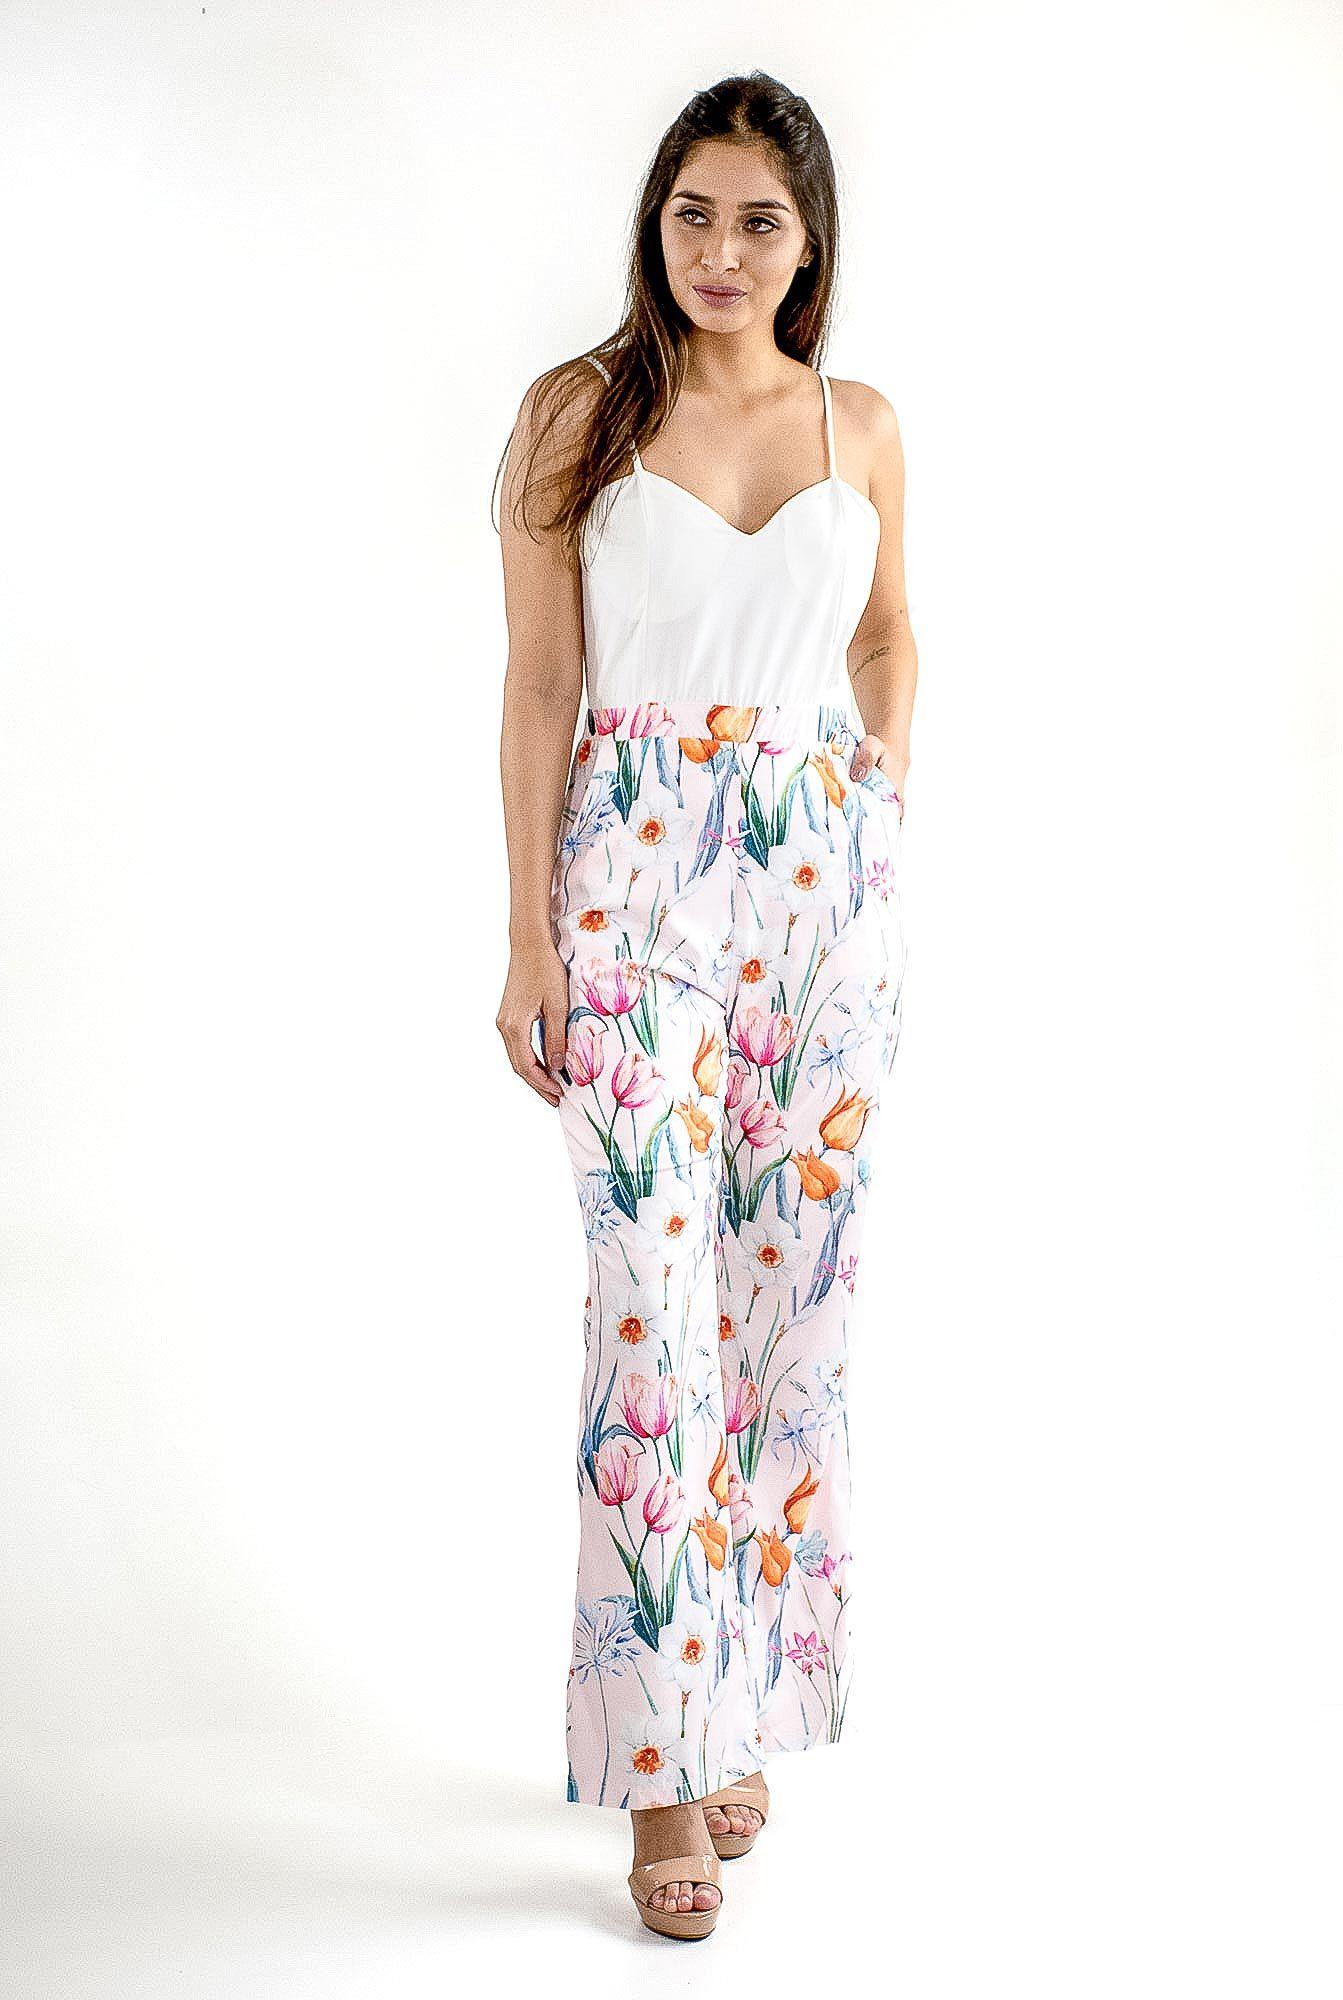 904816311 NotoriaStore: Moda Feminina Florianópolis - Online Macacão longo com ...